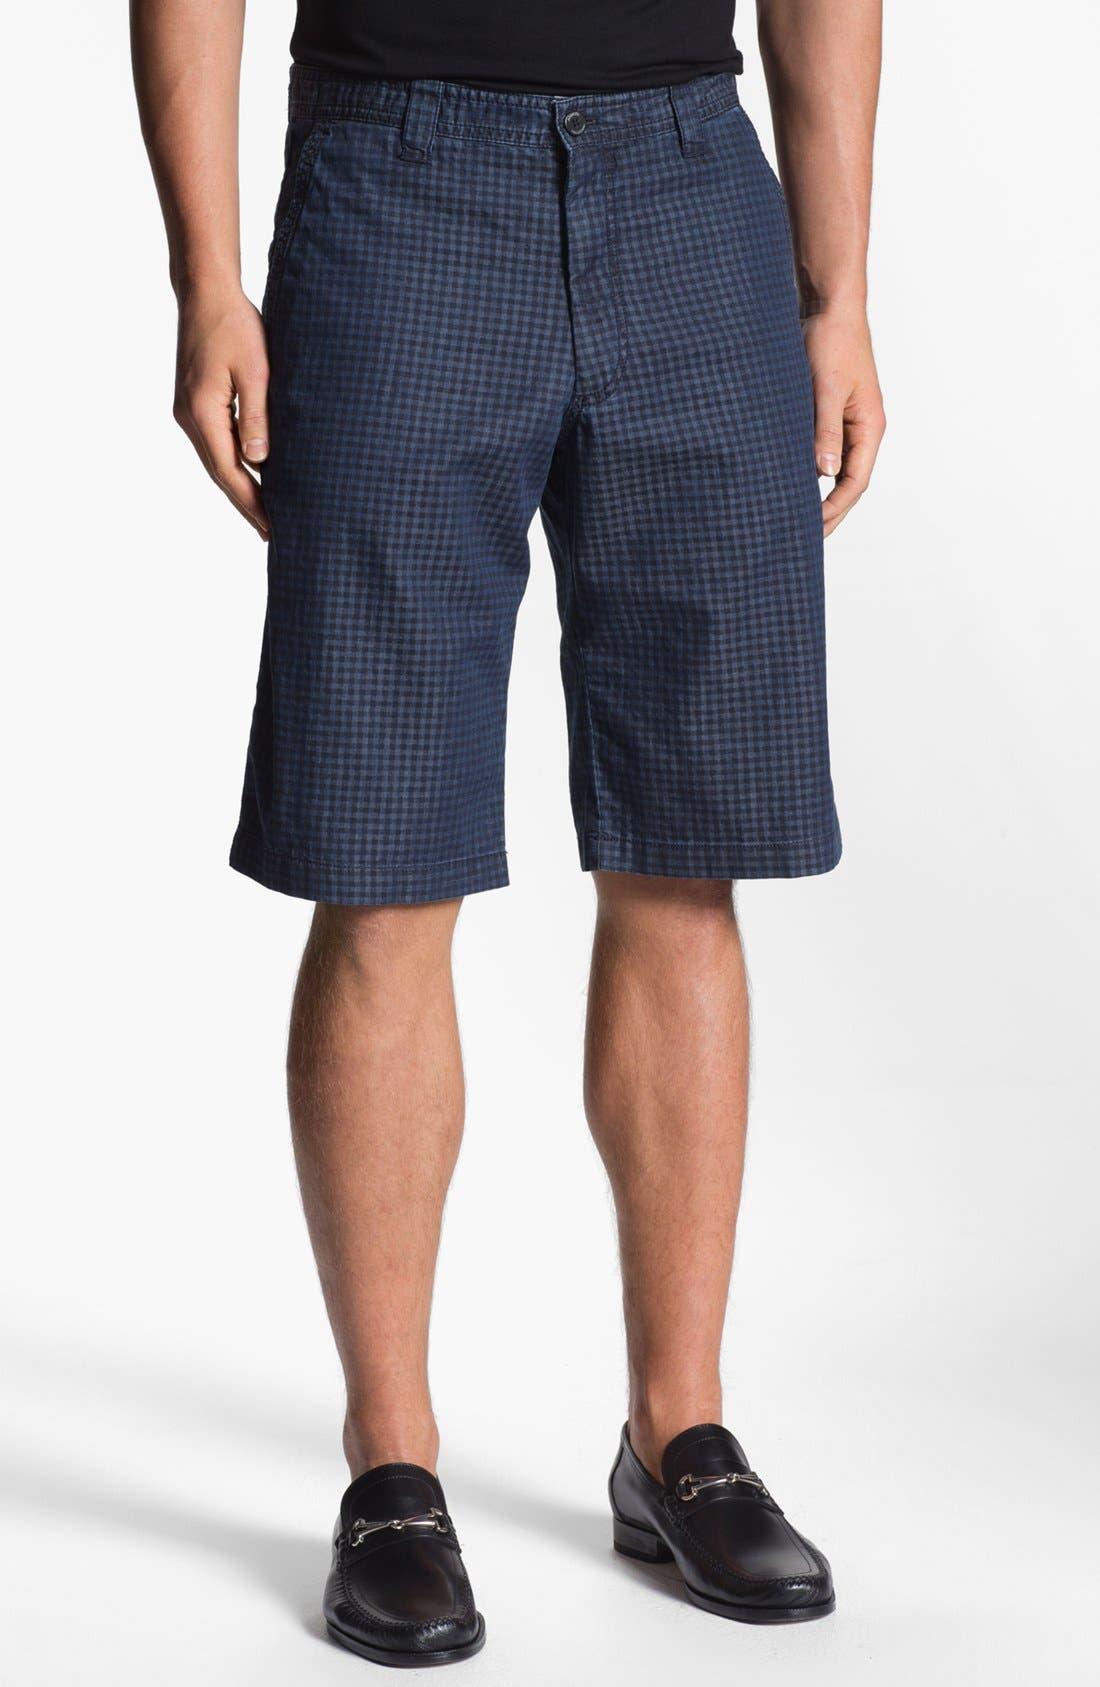 Alternate Image 1 Selected - Armani Collezioni Check Bermuda Shorts